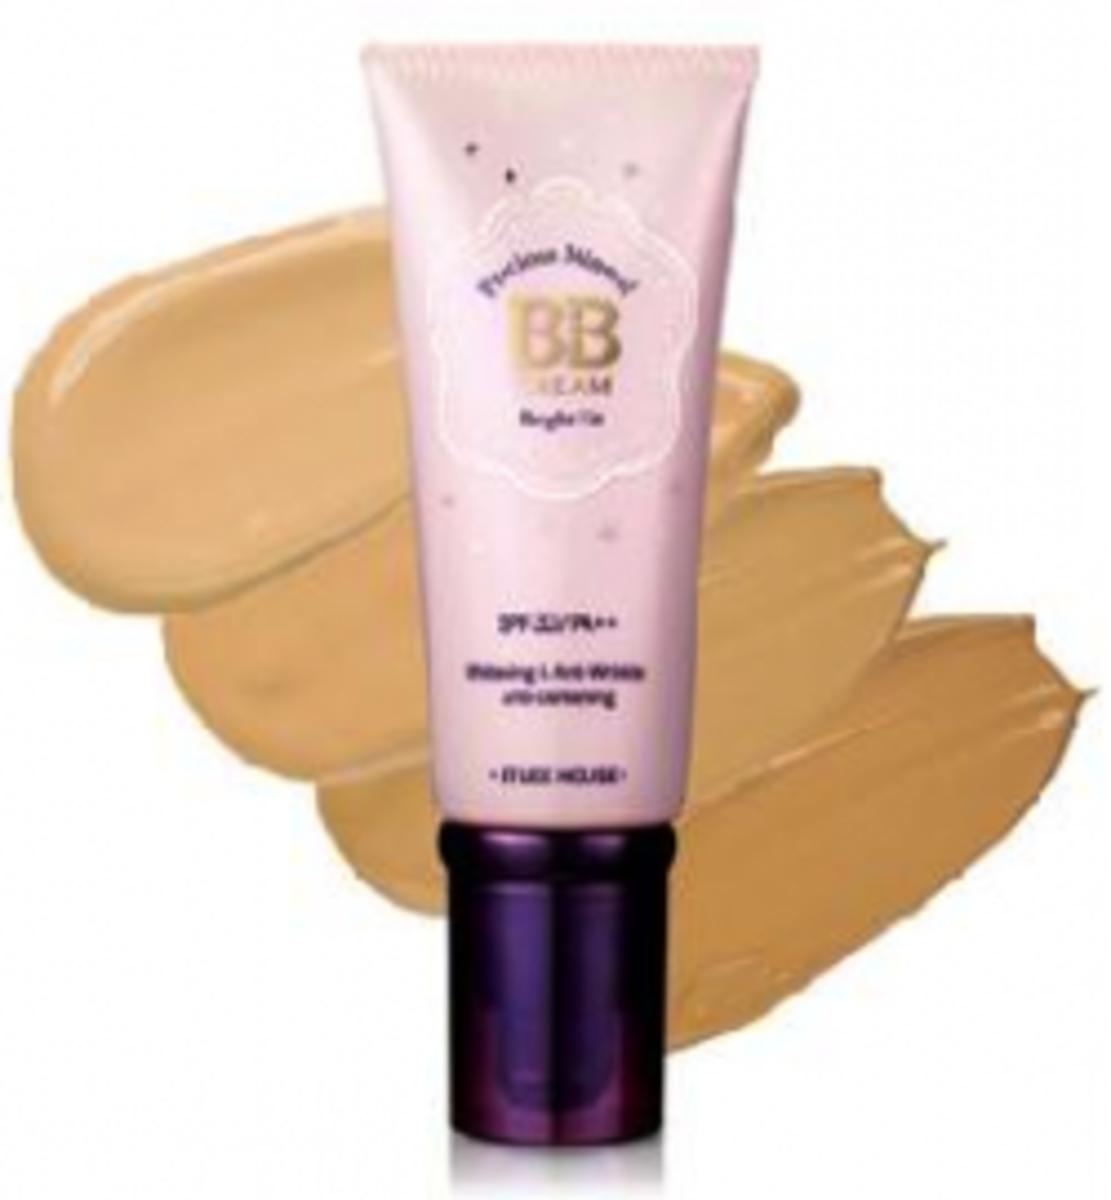 Etude House BB Cream - Precious Mineral